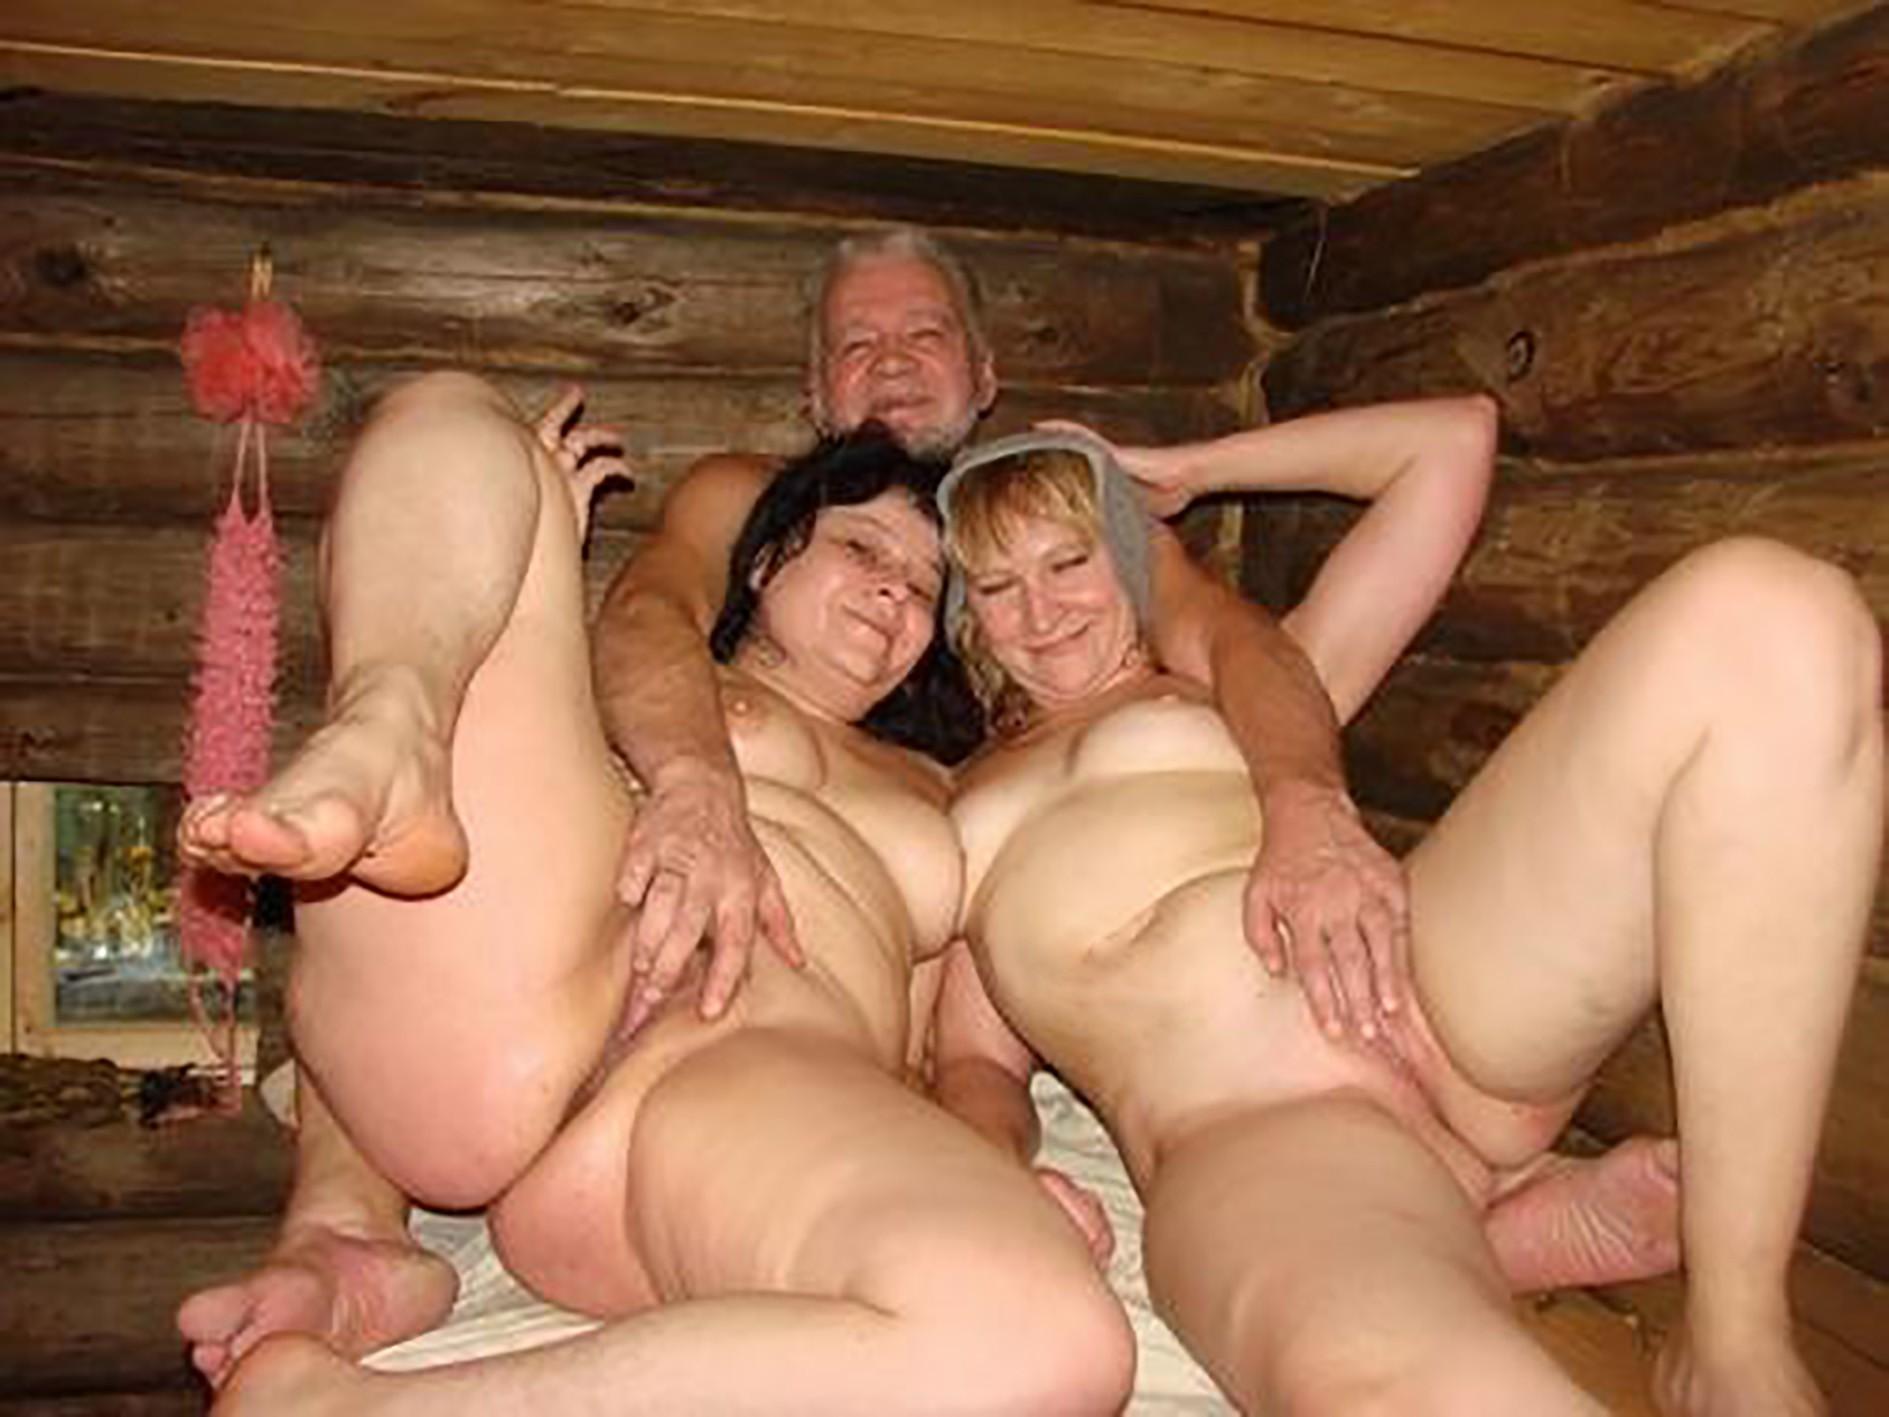 Рассказы порно в бане группа, Групповой секс в Бане, реальная история 12 фотография